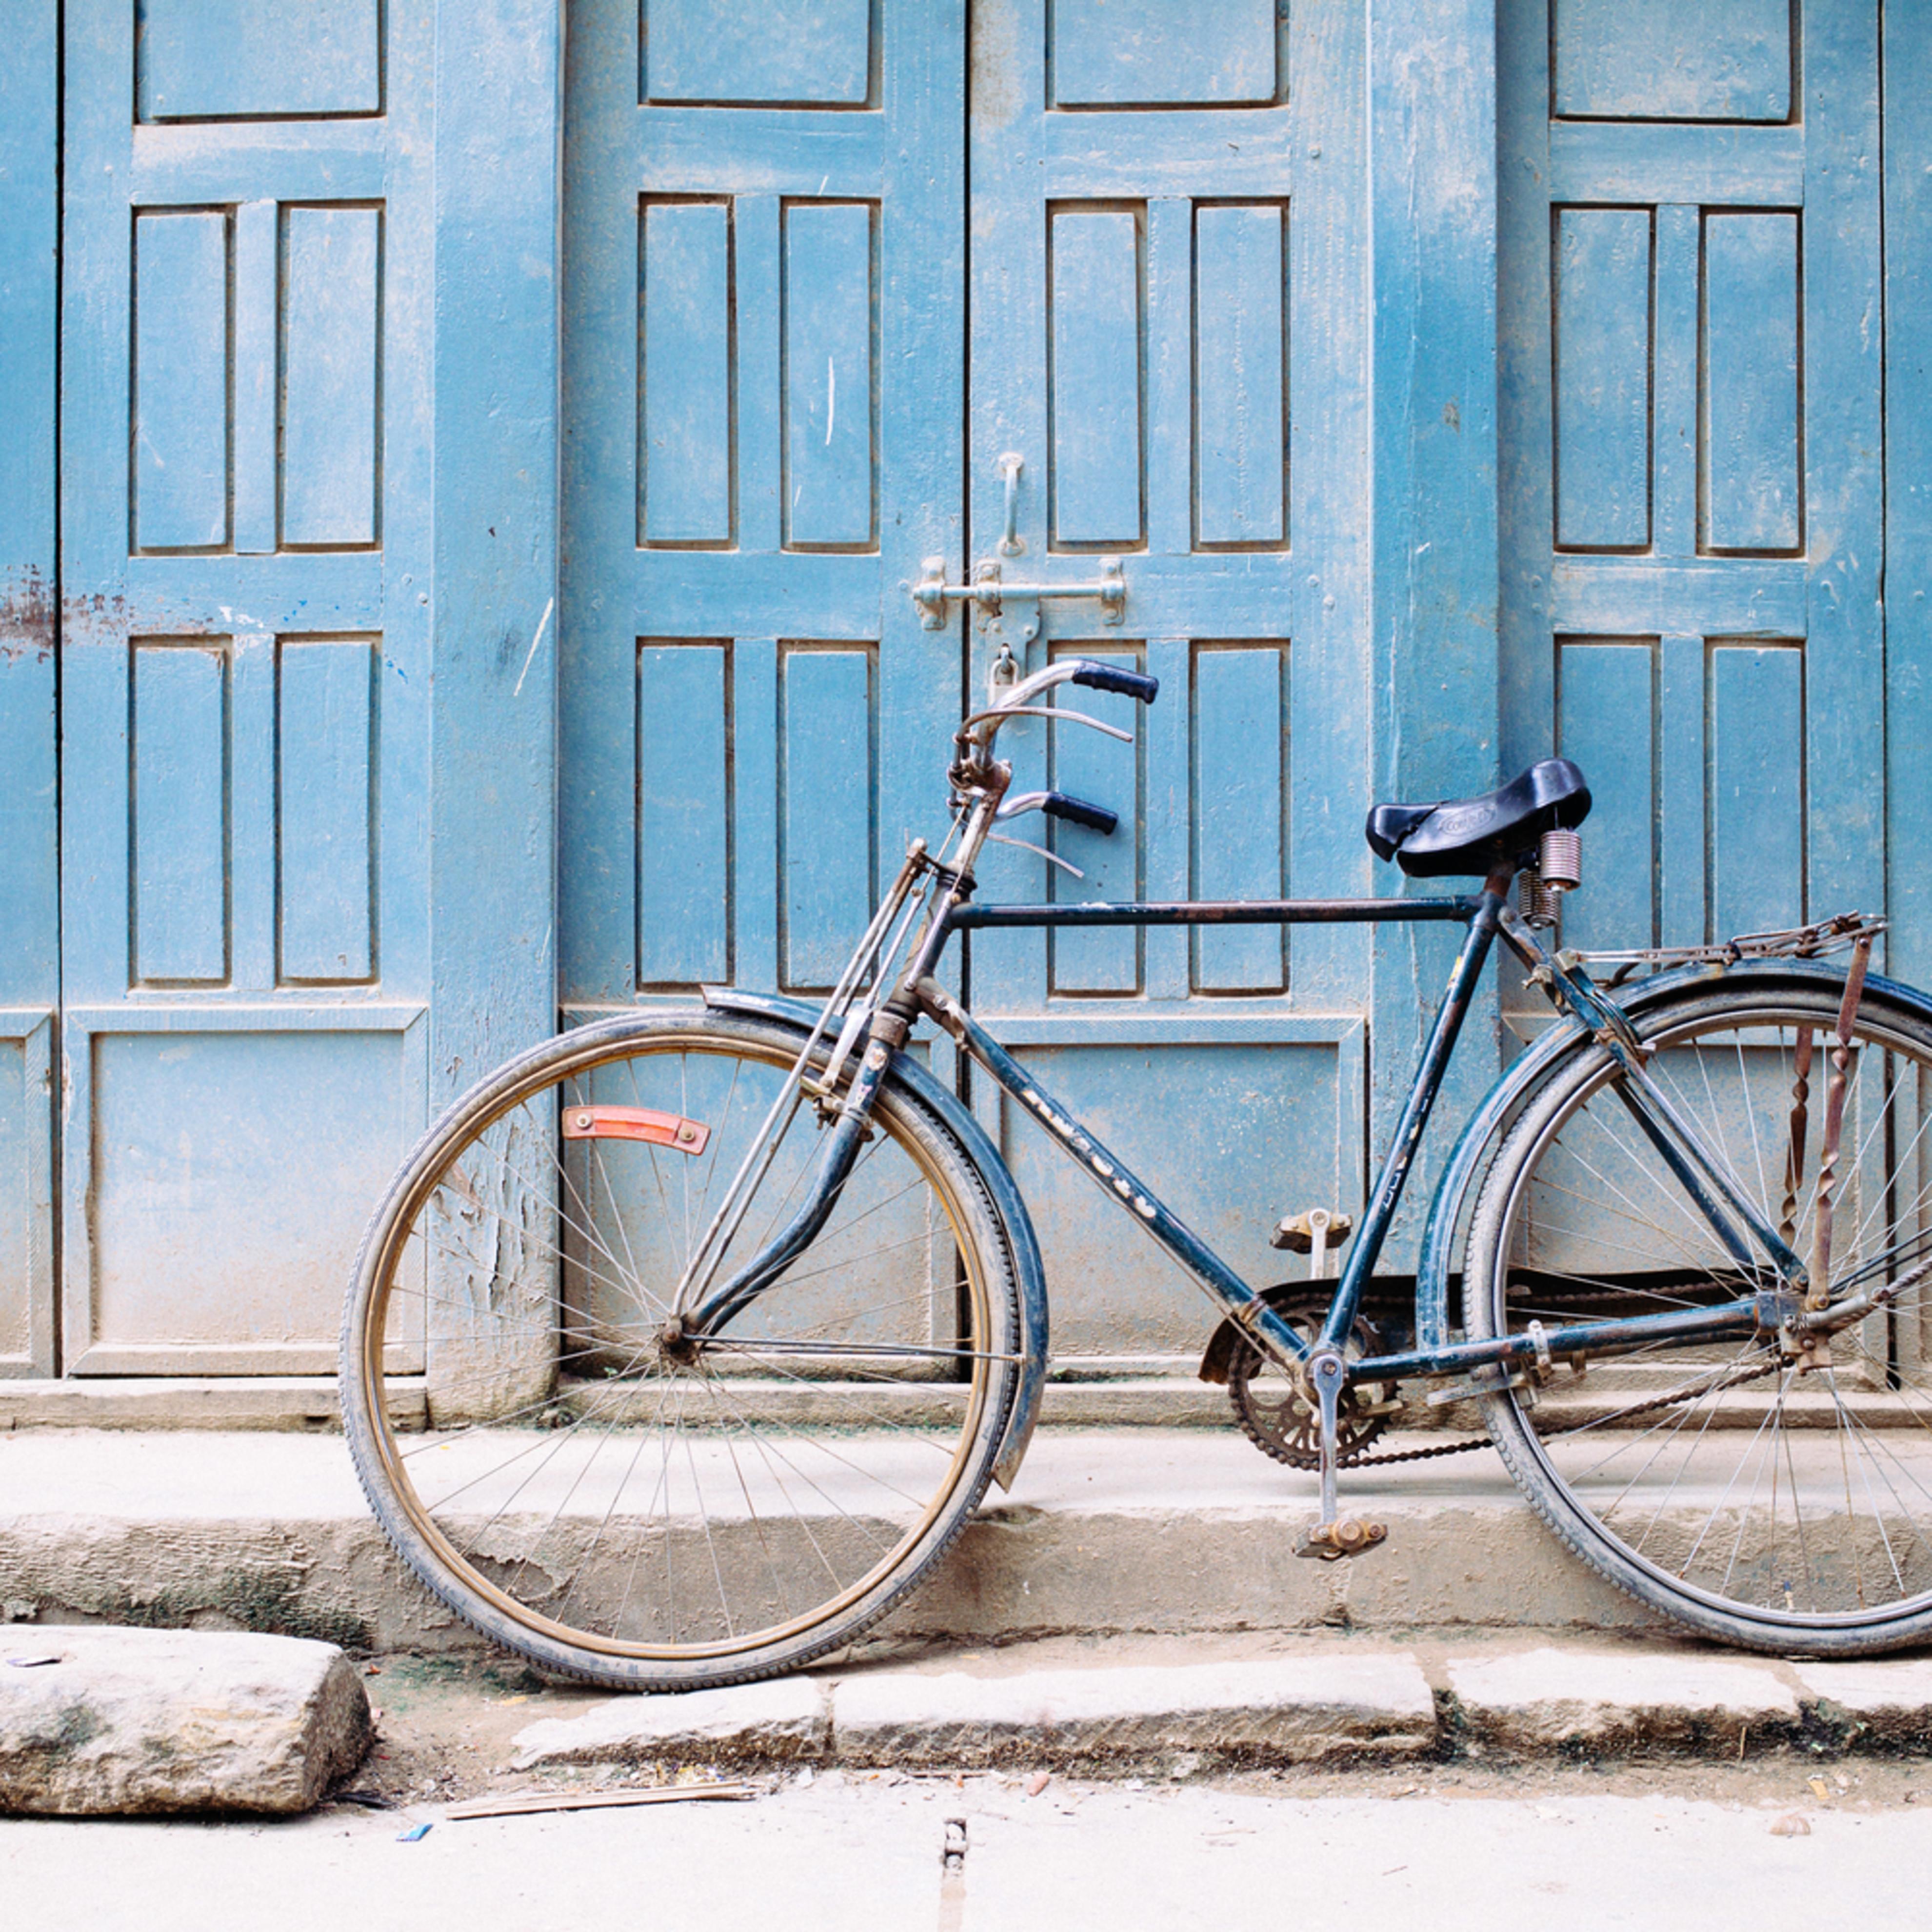 Kathmandu cycle of blue lxtzth